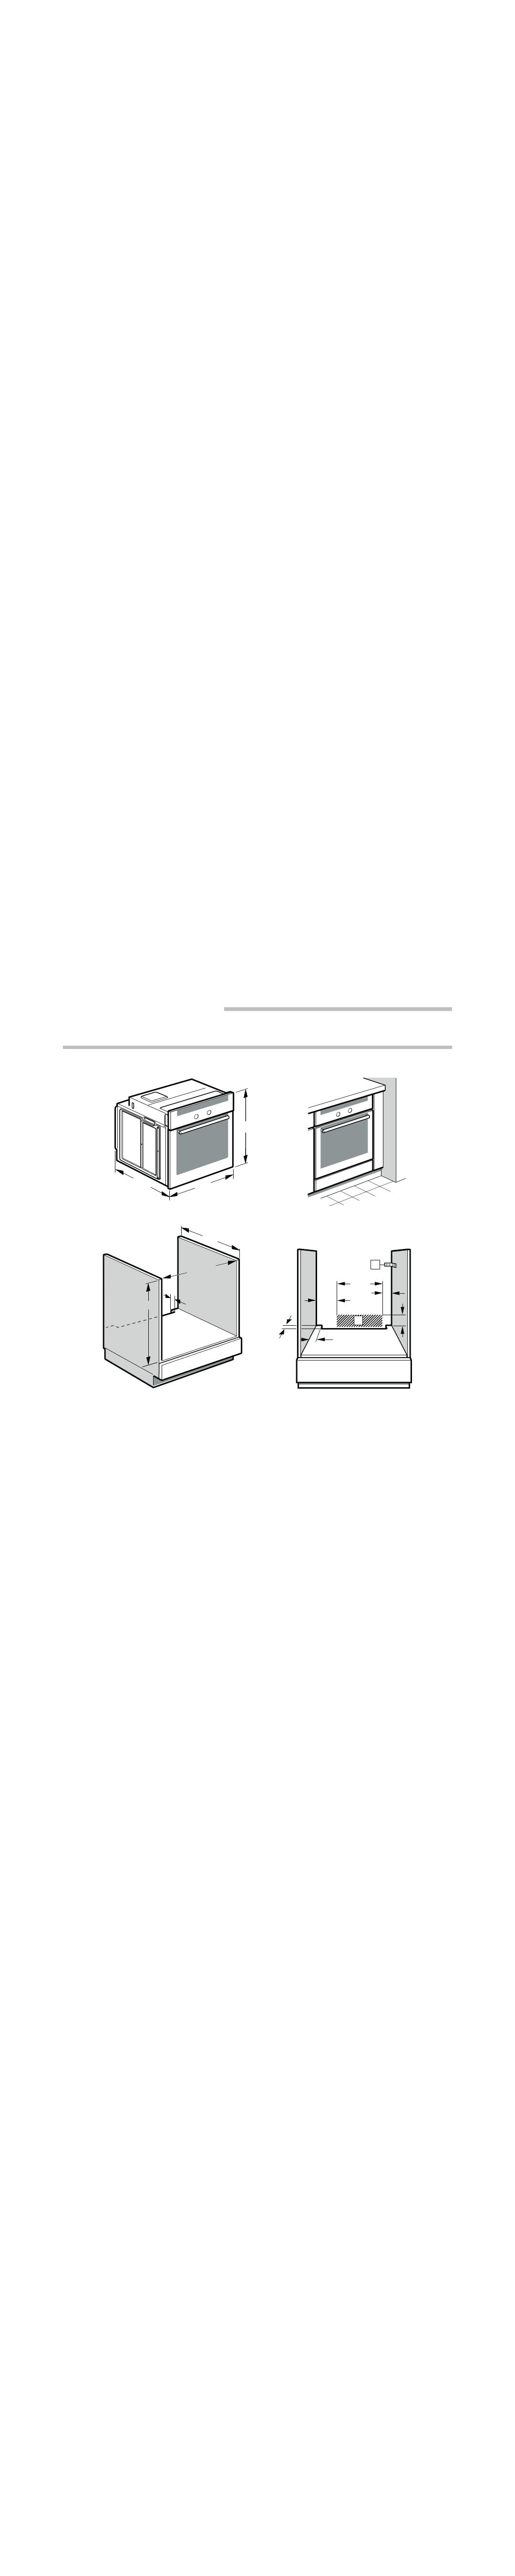 bosch духовой шкаф инструкция видео